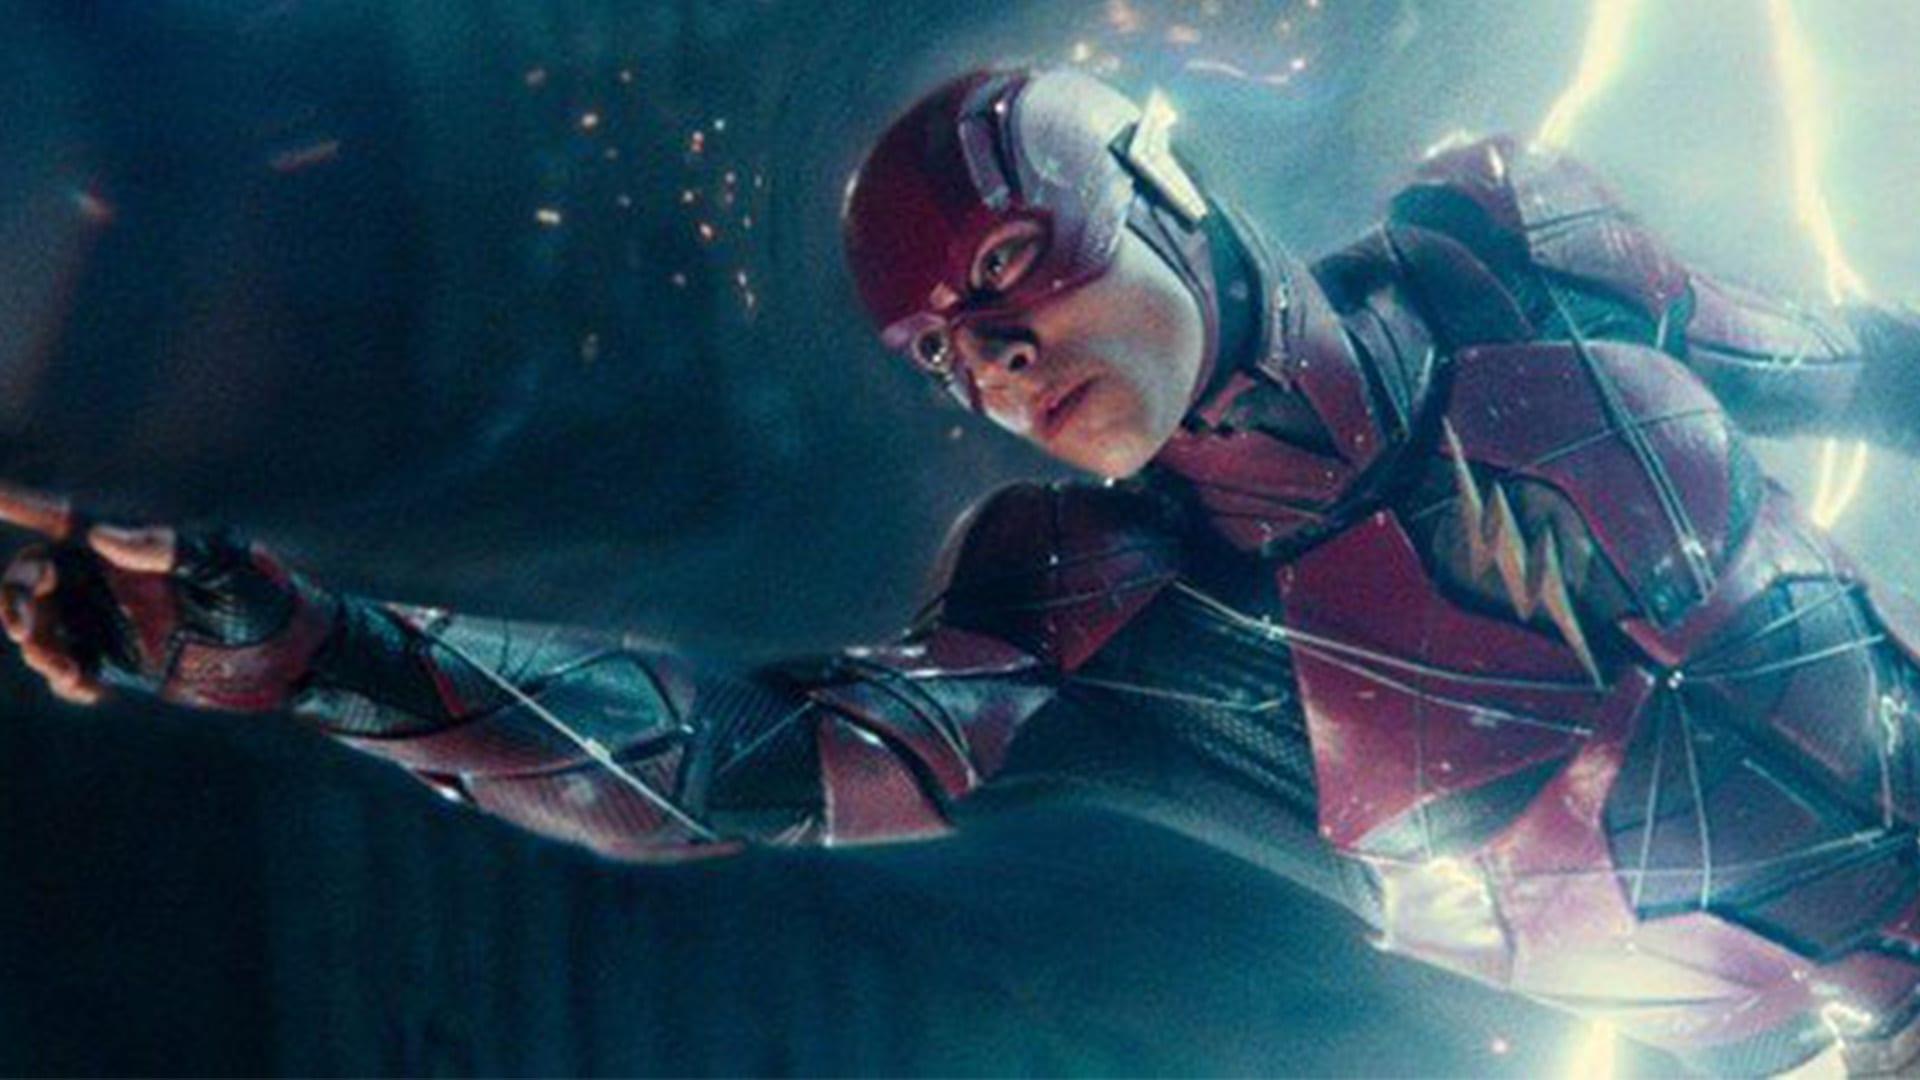 recensione di Zack Snyder's Justice League - flash